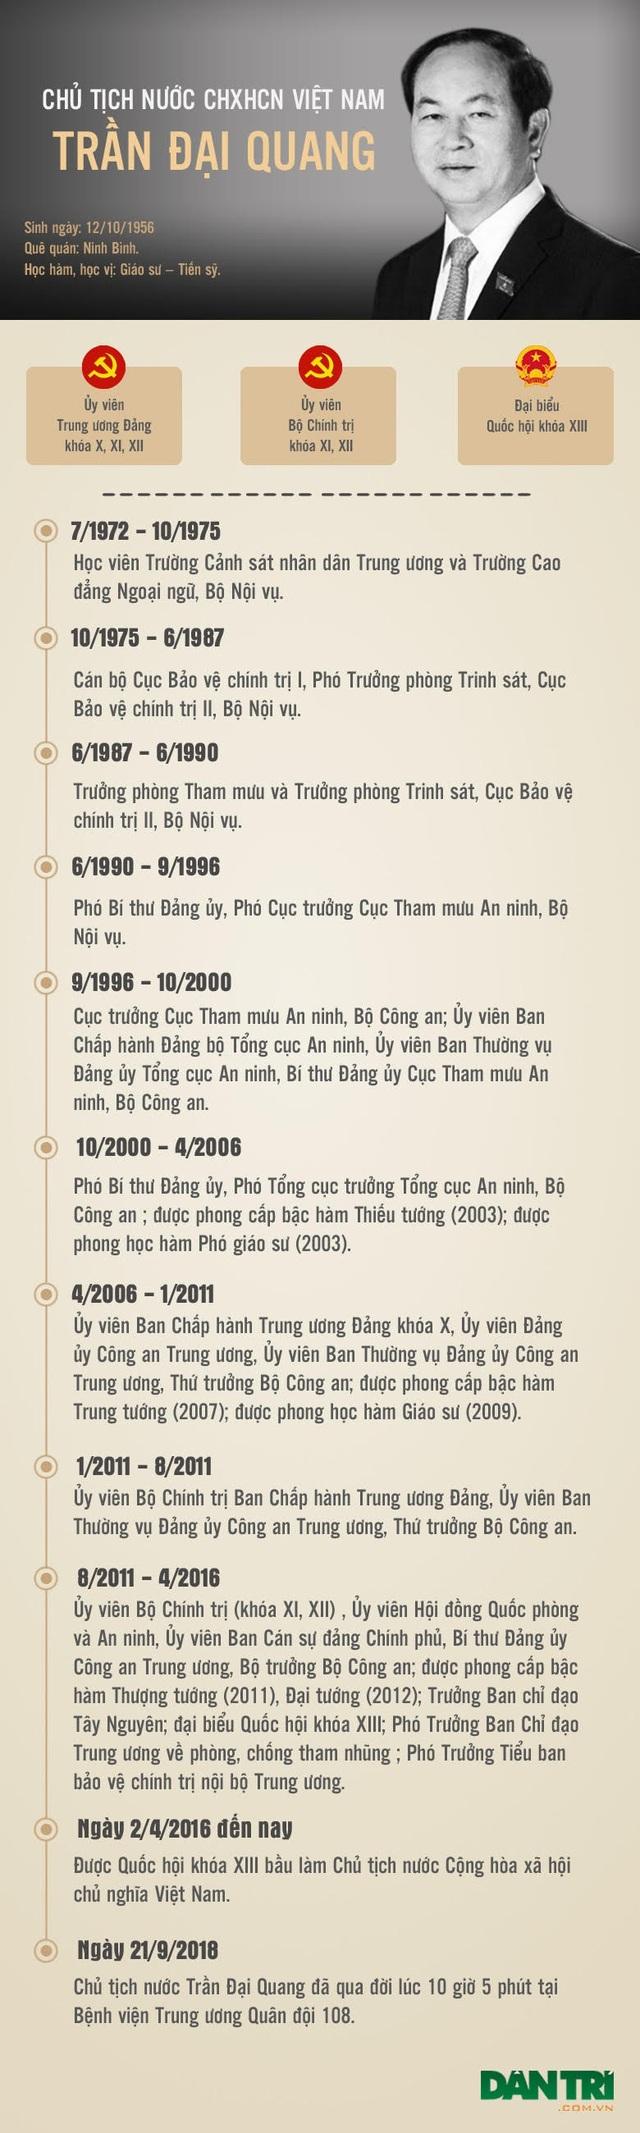 Quá trình công tác của Chủ tịch nước Trần Đại Quang - 1